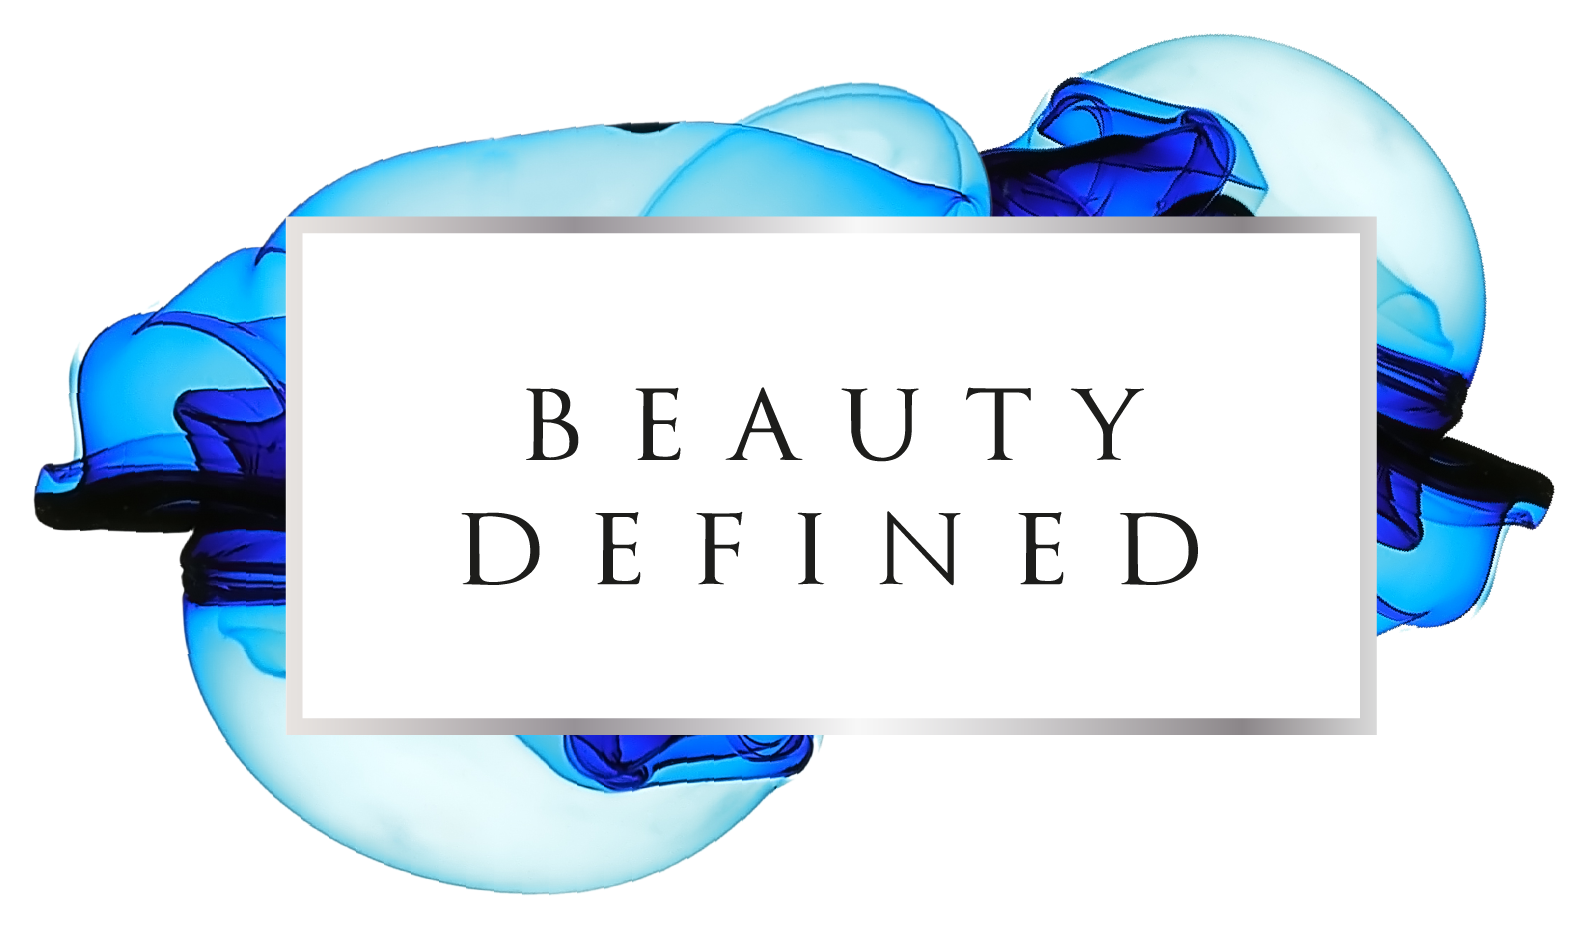 Beauty Defined